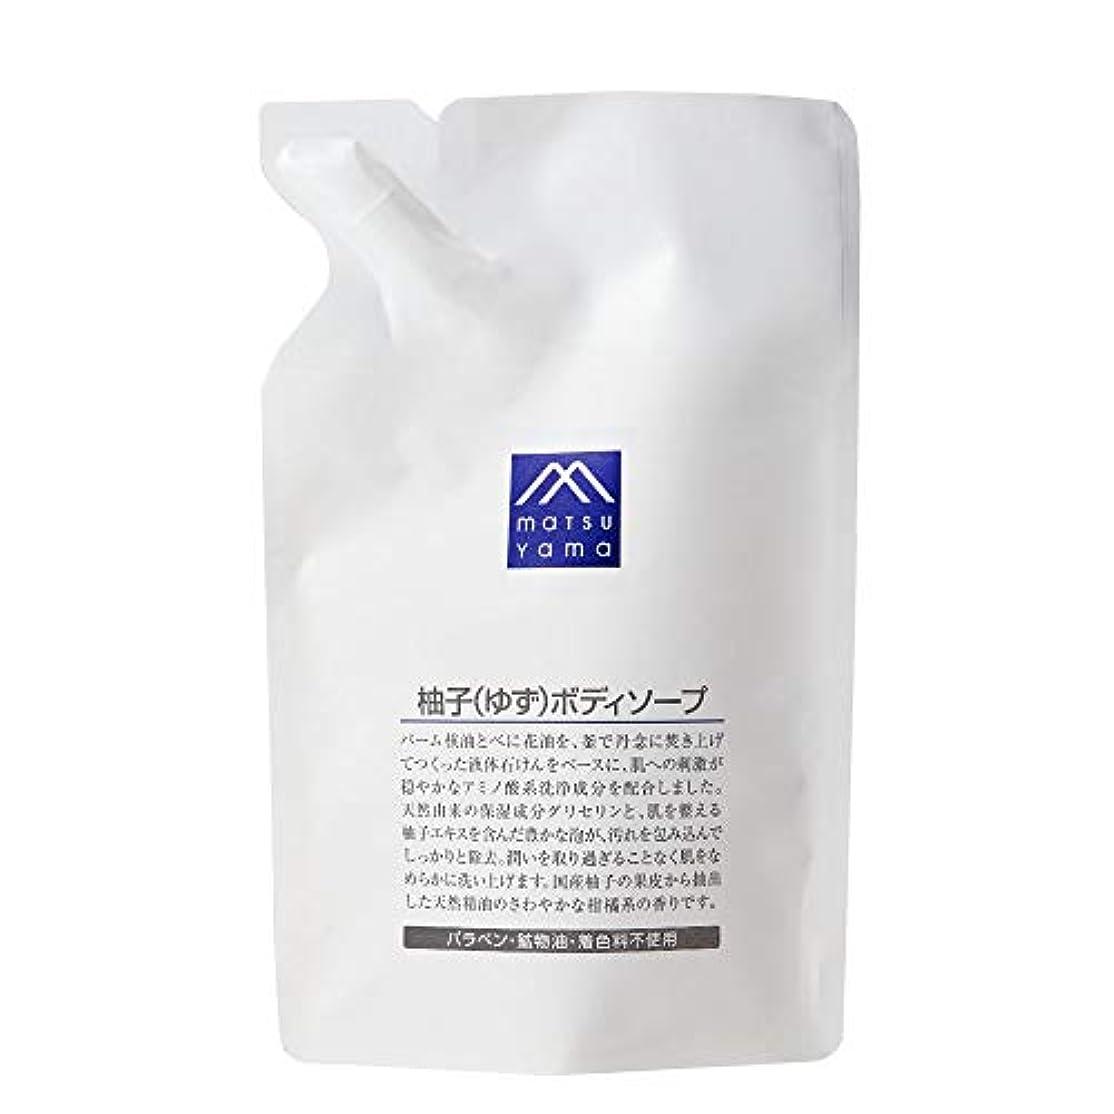 近代化ハンカチ同等のM-mark 柚子(ゆず)ボディソープ 詰替用